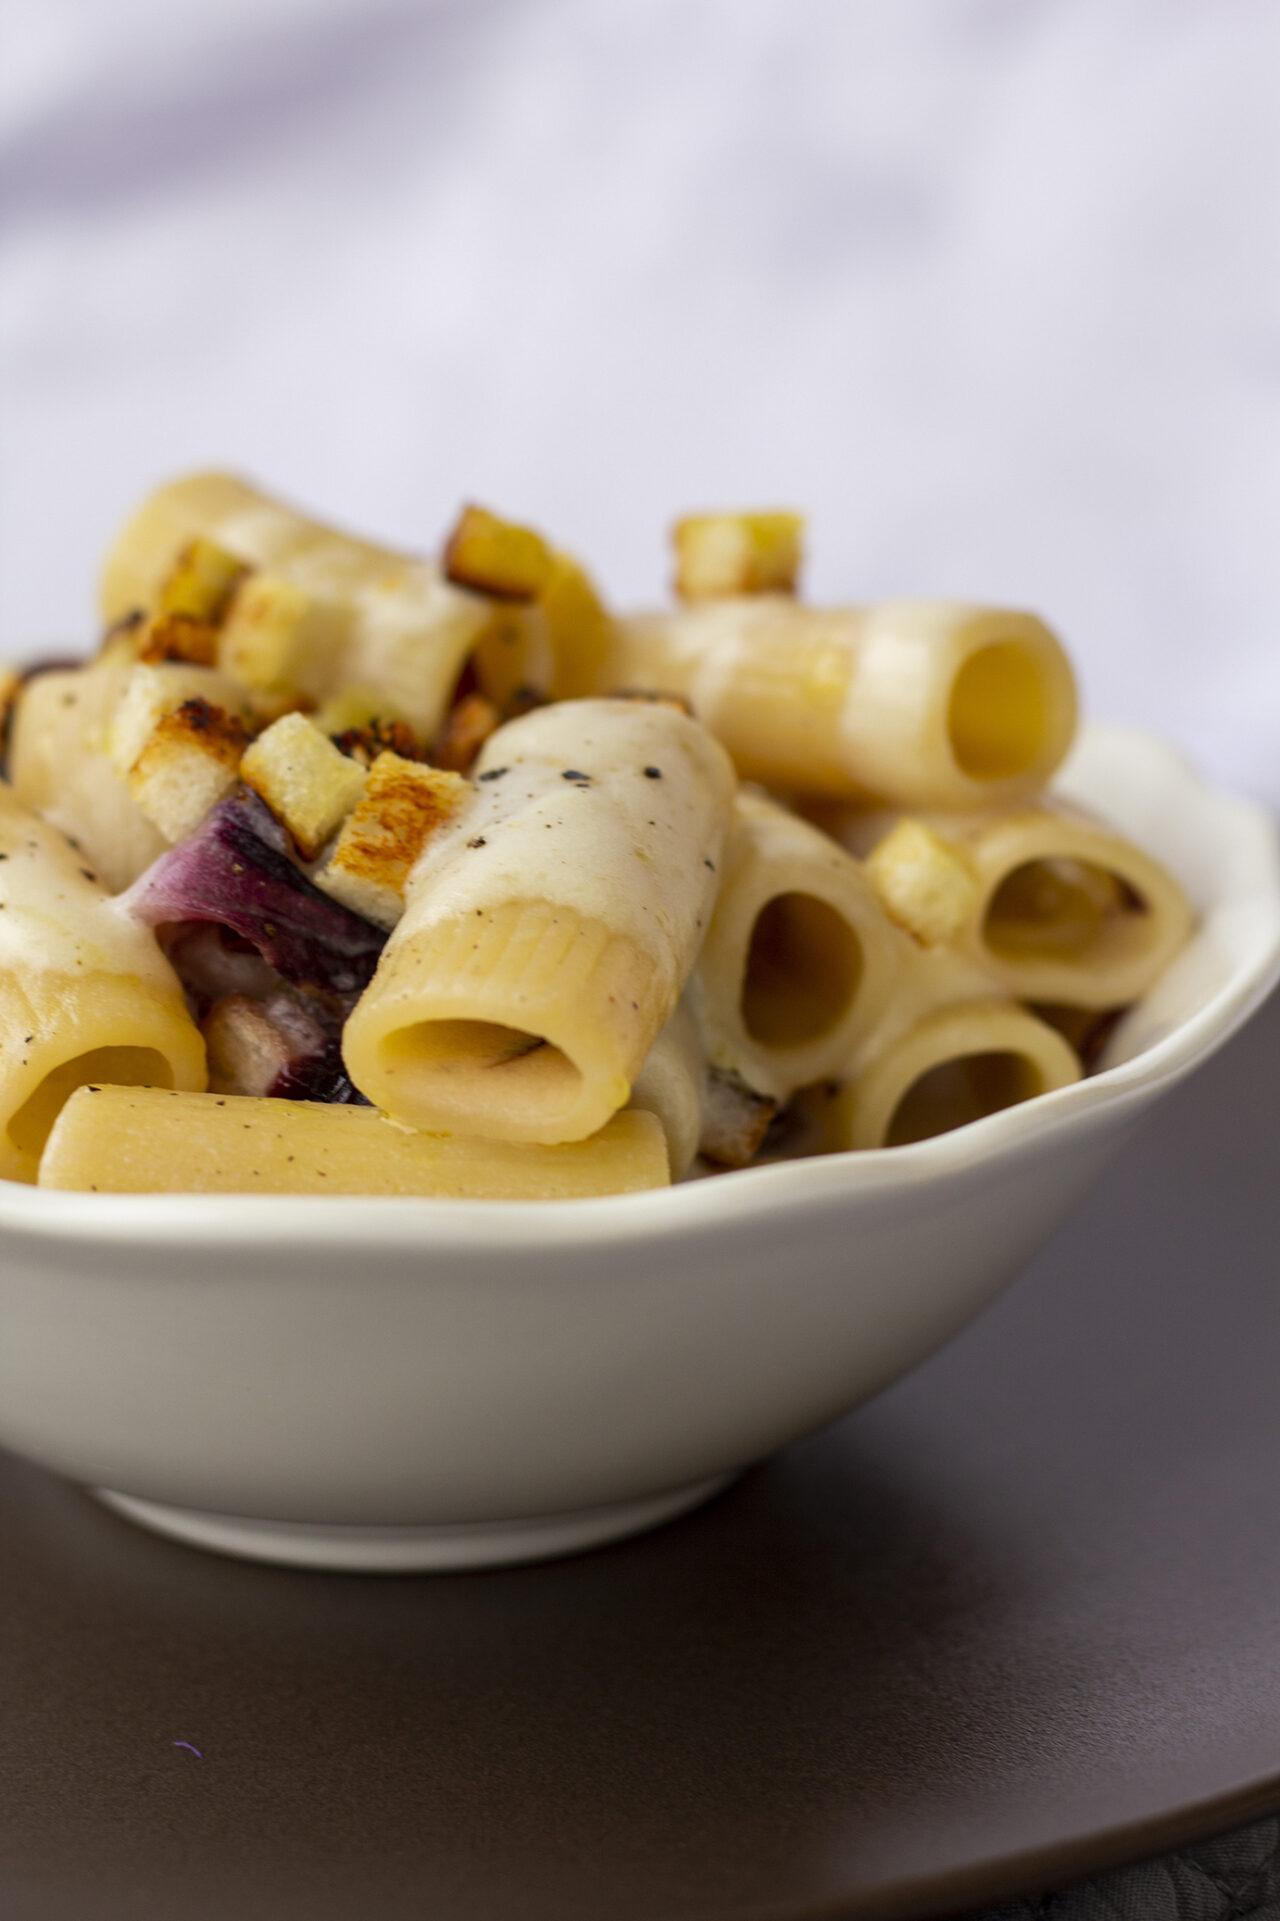 Rigatoni con fonduta di crescenza al liquore di pistacchio e radicchio di Verona